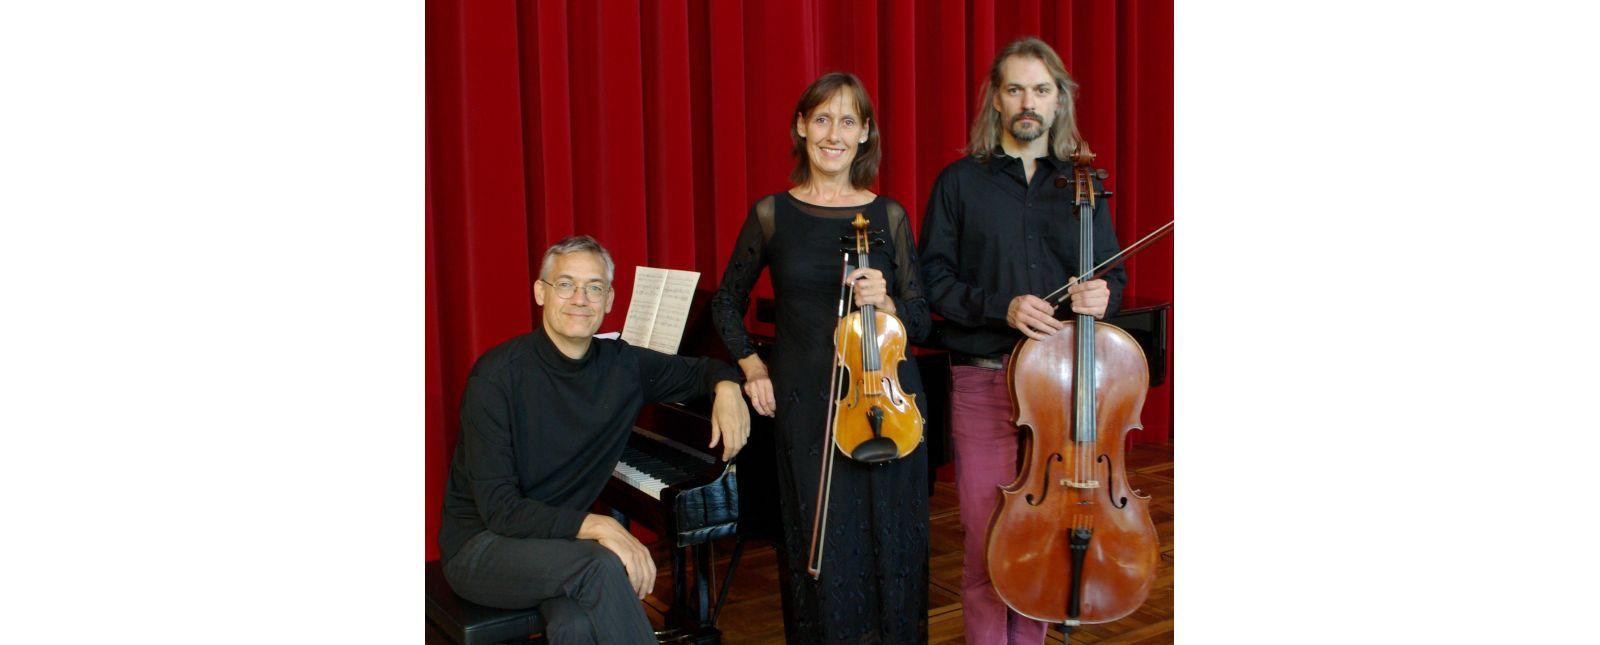 3. KAMMERKONZERT // Varnhagen-Trio Albrecht Dammeyer (Klavier) / Katrin Köhler (Violine) / Antoine Billet (Violoncello) // 2019 // Theater Freiburg